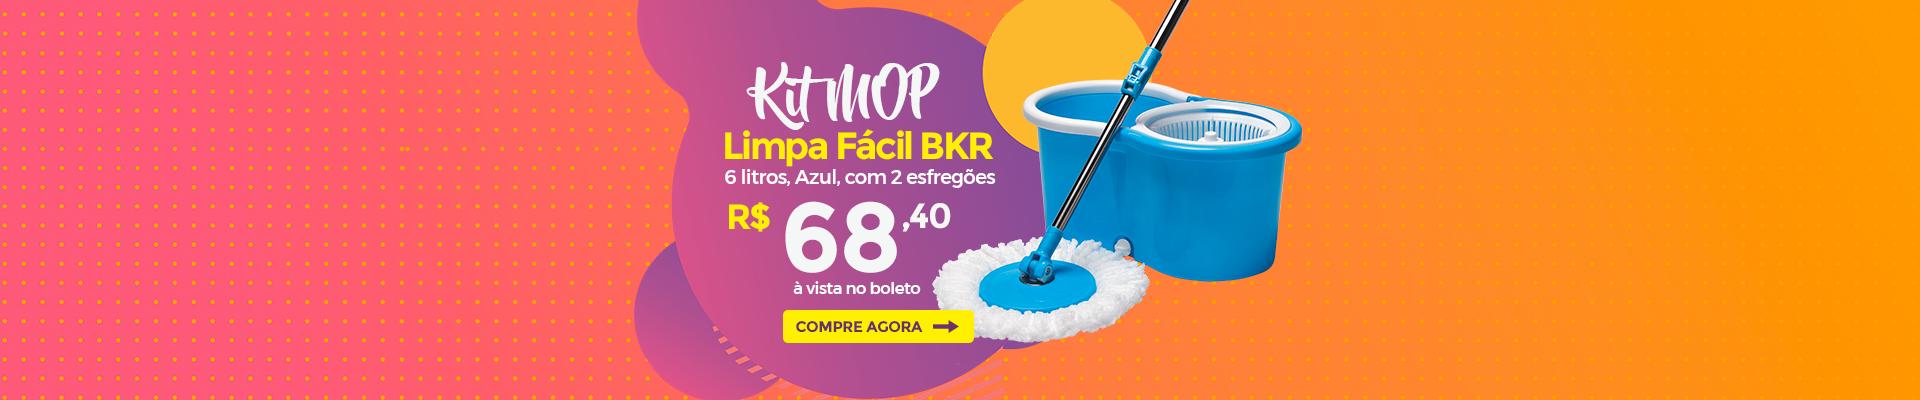 AGOSTO - Kit Mop